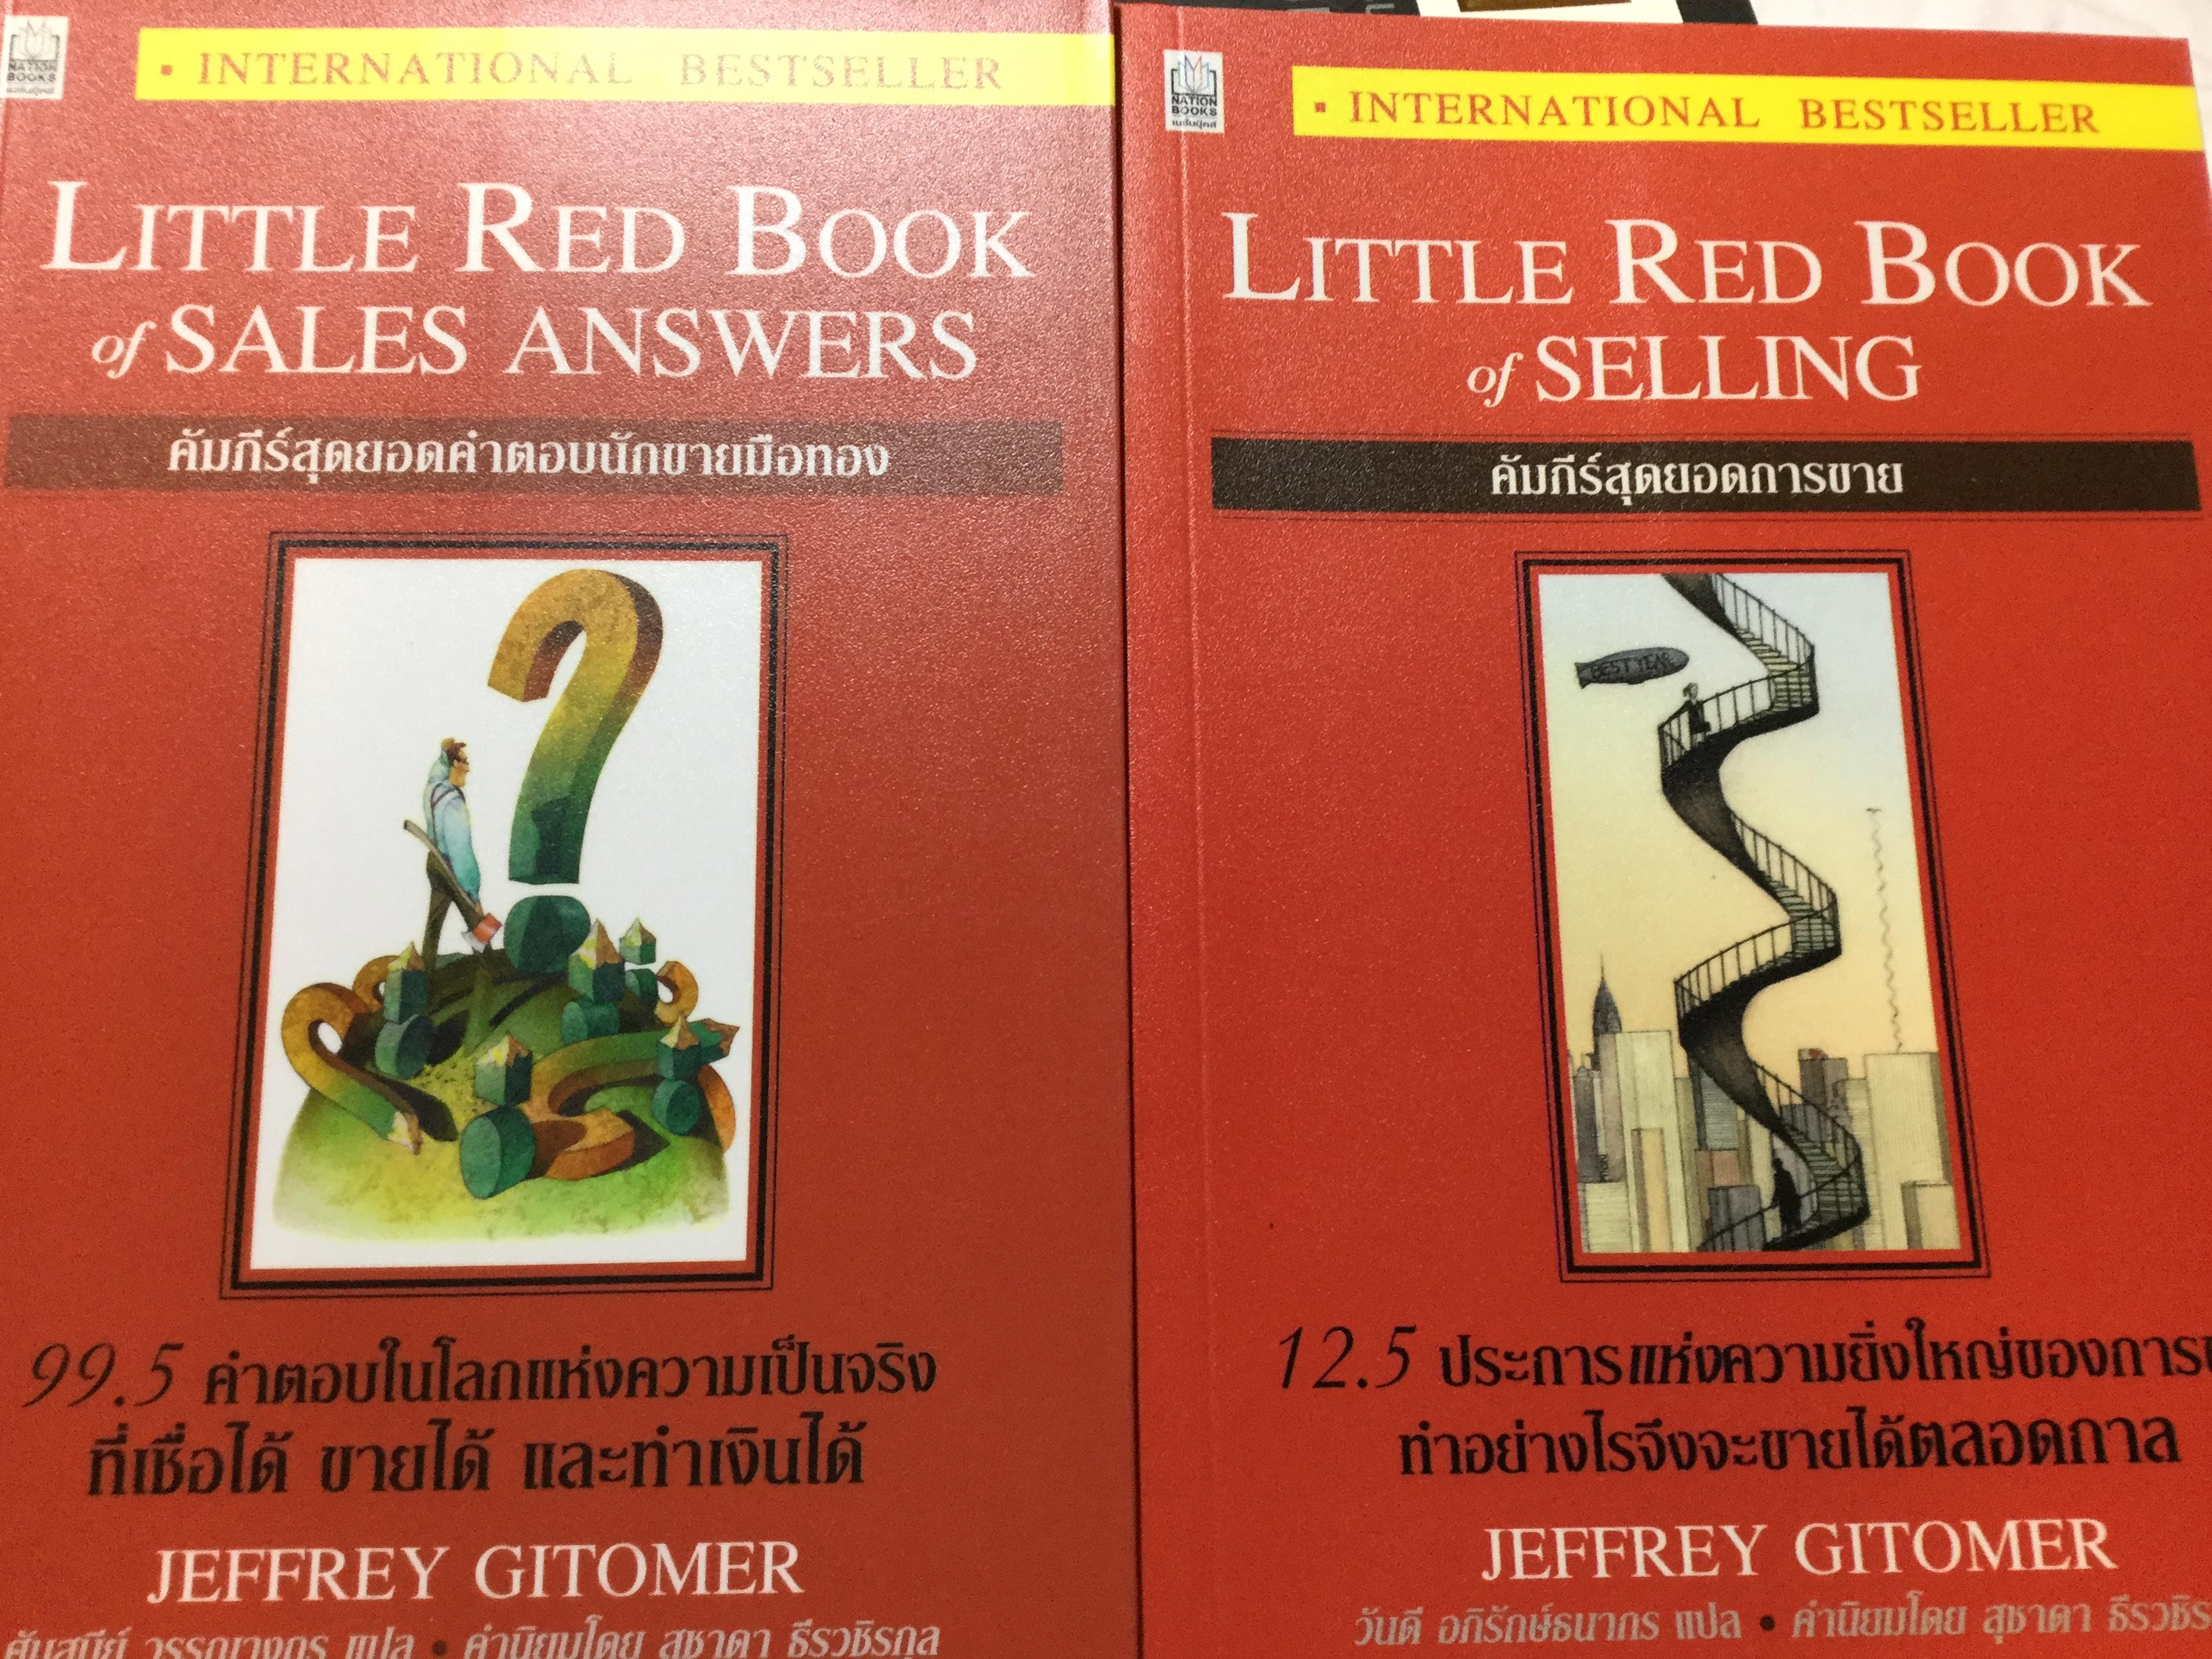 หนังสือคัมภีร์สุดยอดการขาย และคัมภีร์สุดยอดคำตอบนักขายมือทอง รวม 2 เล่ม ผู้เขียน.Jeffrey Gitomer